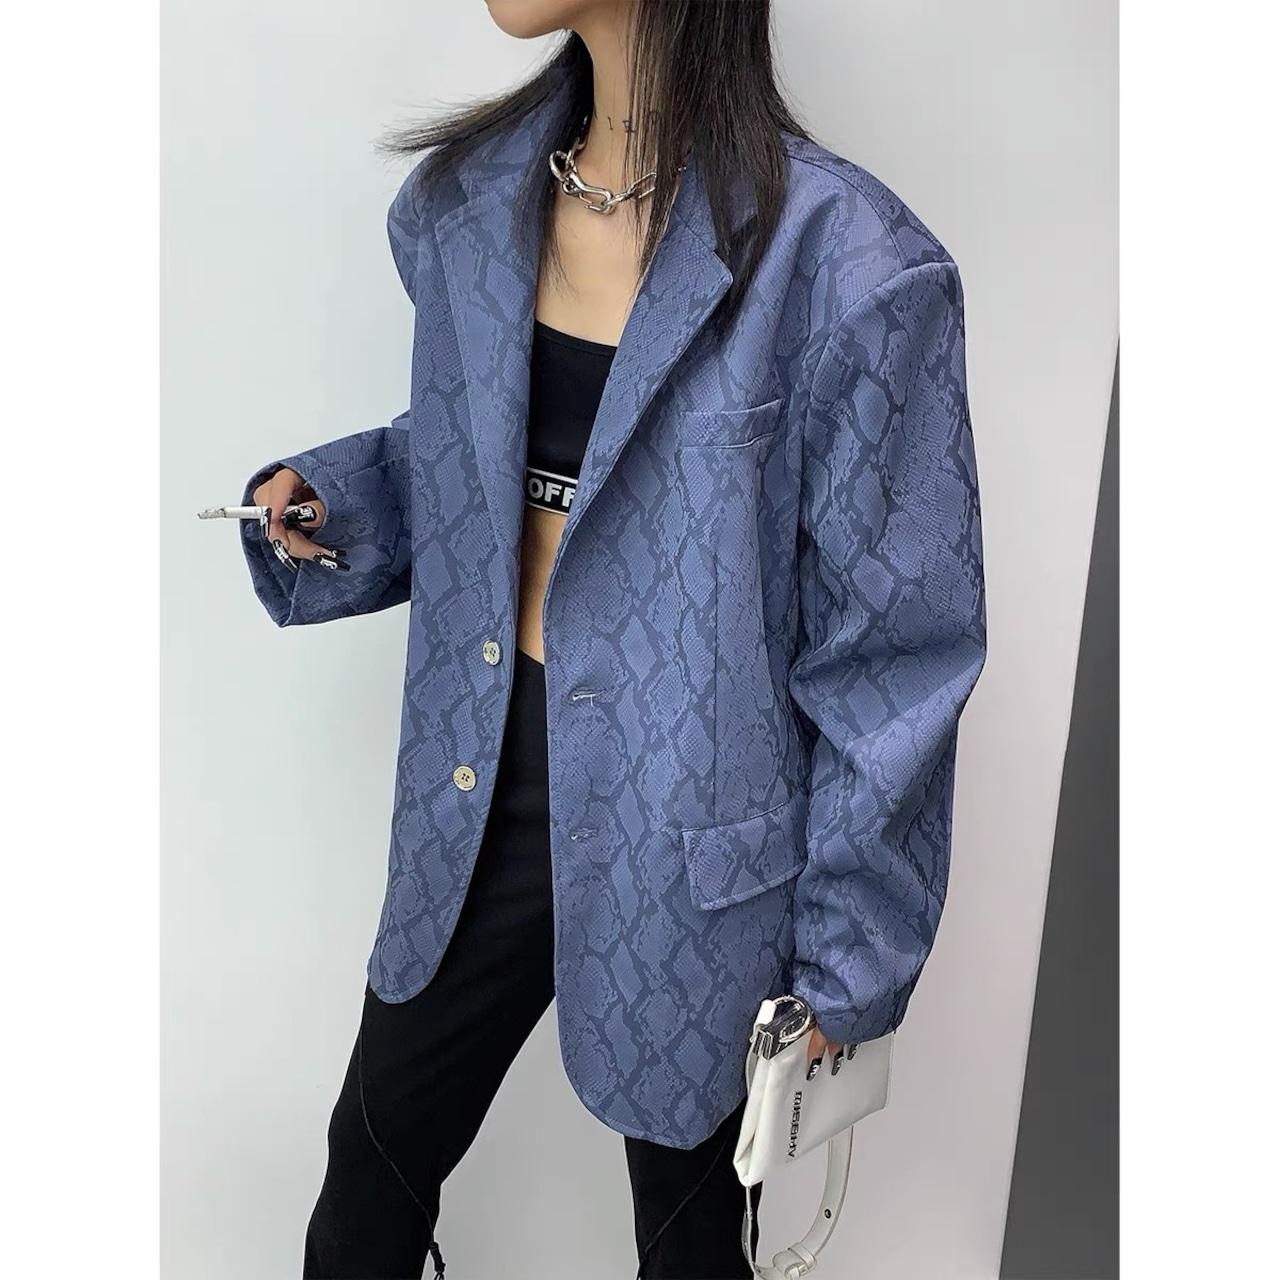 snake pattern jacket